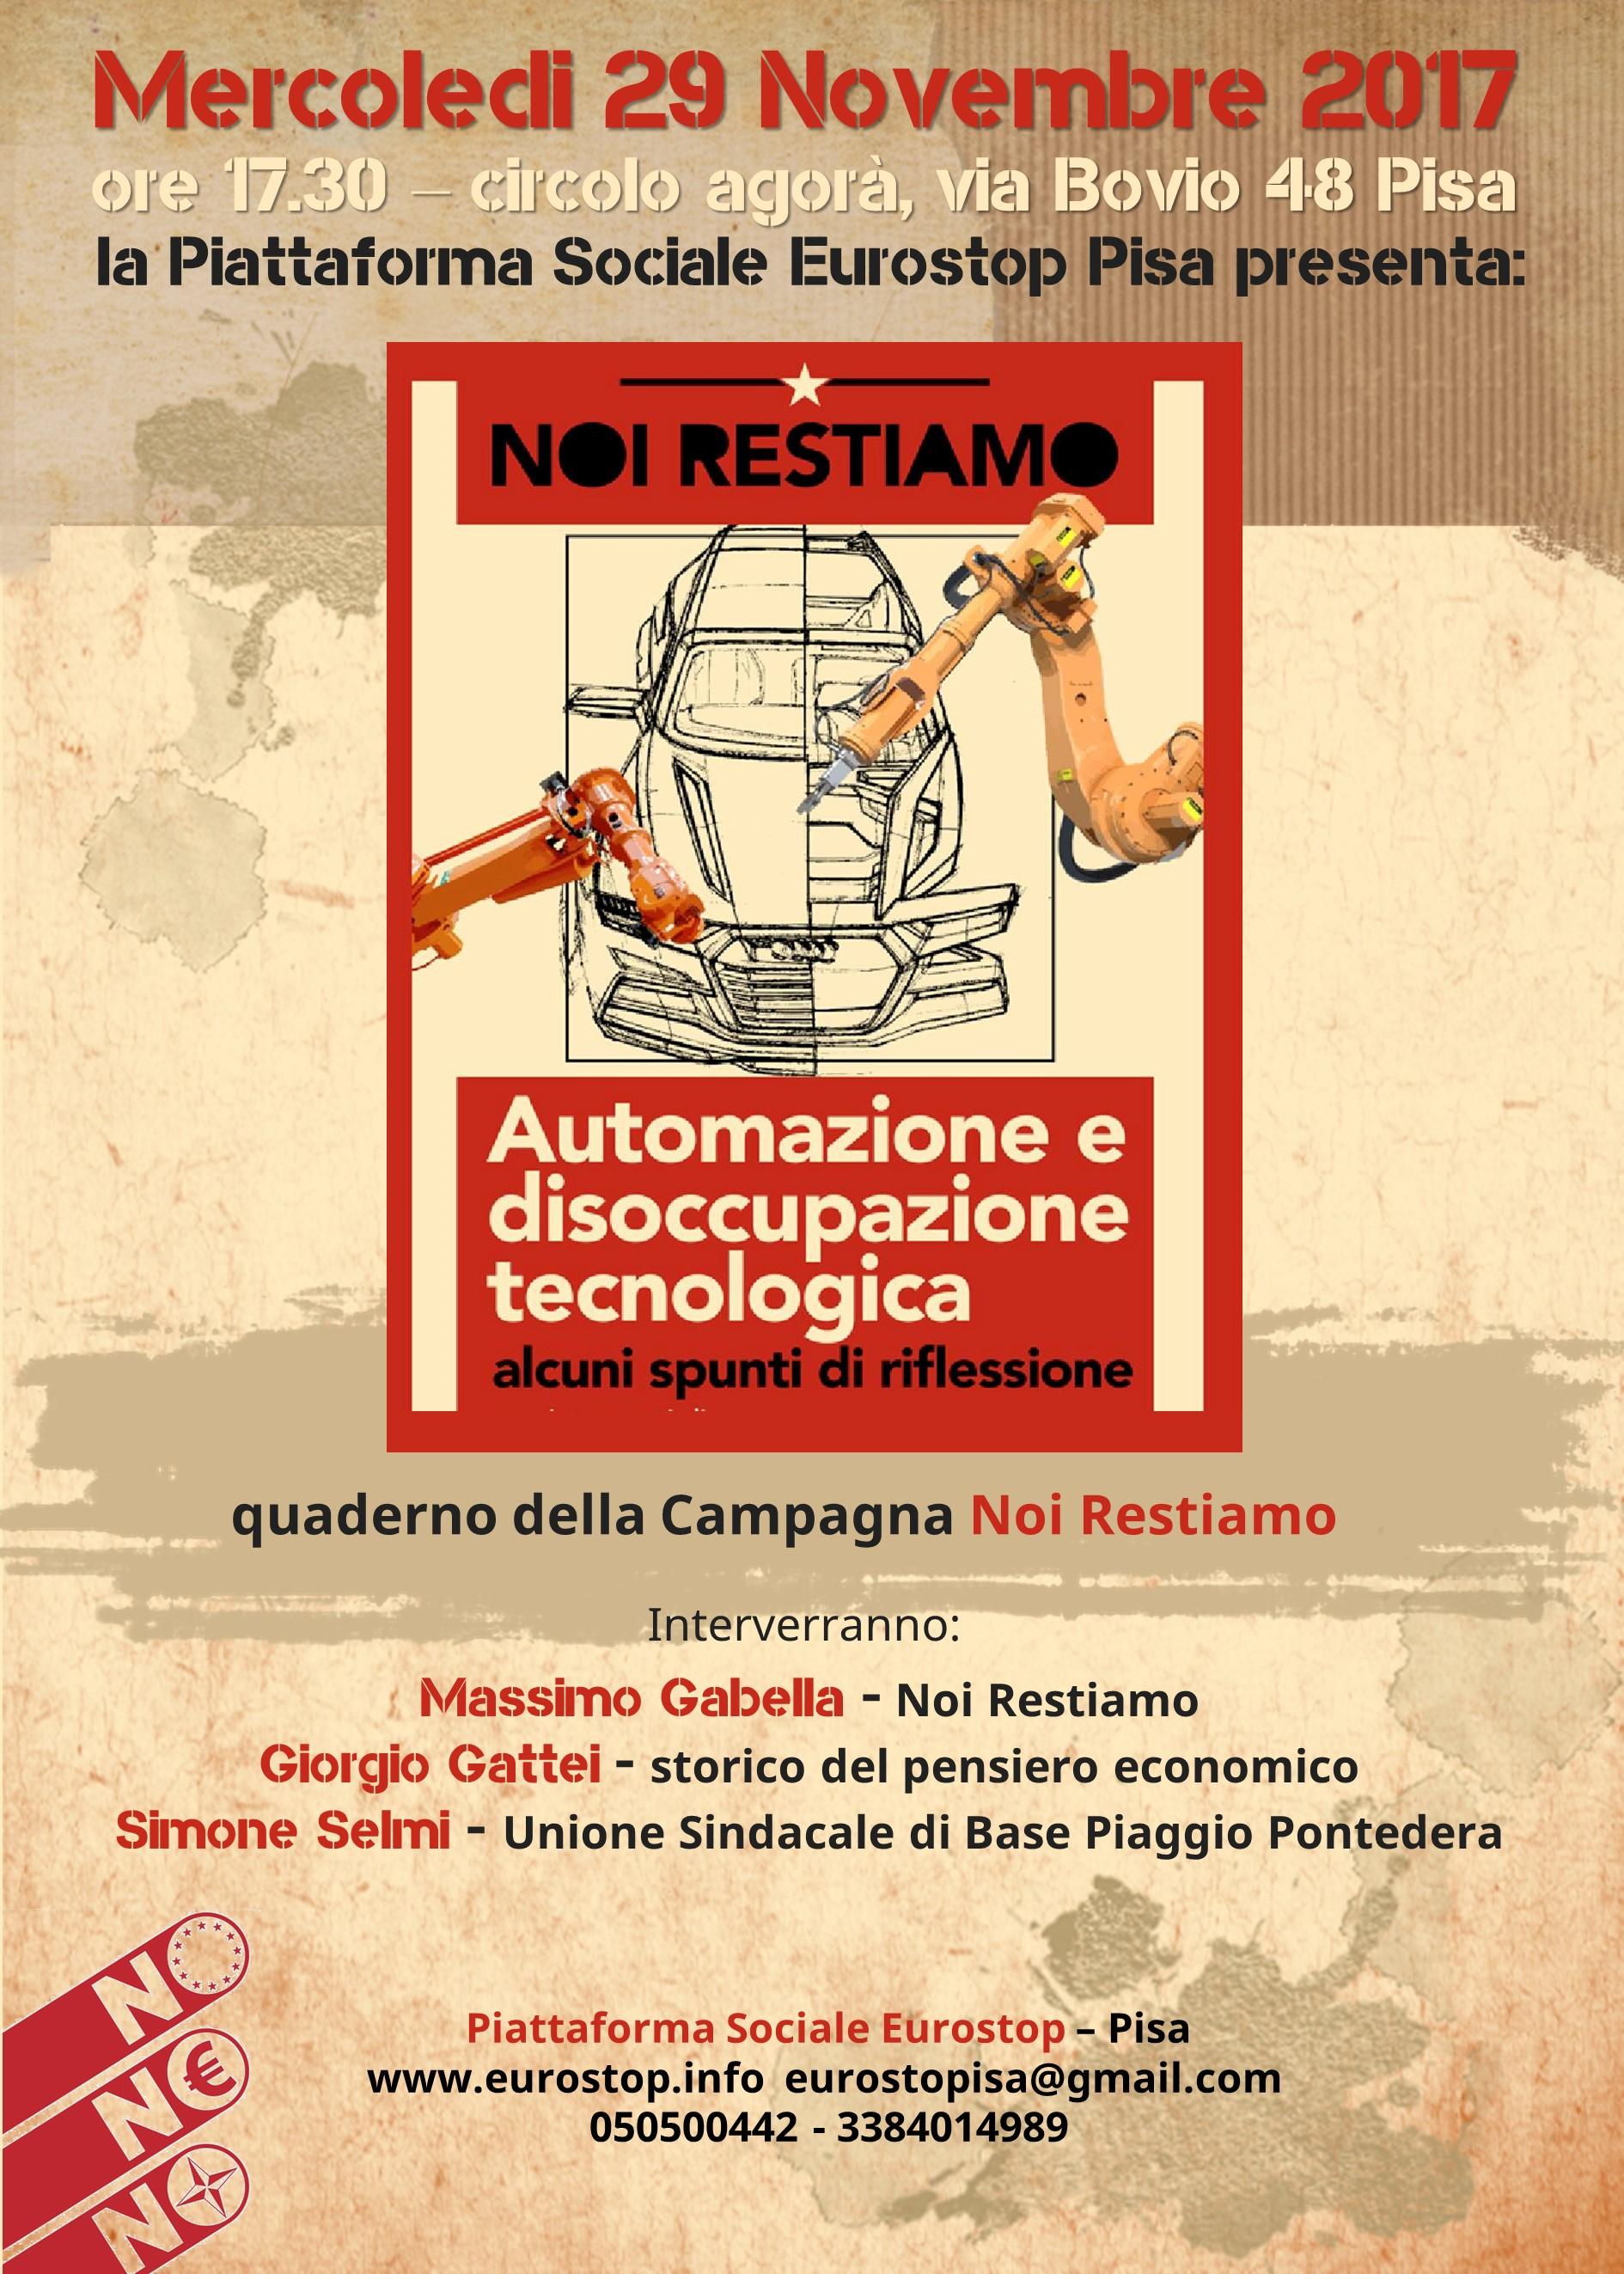 Automazione_NoiRestiamo2